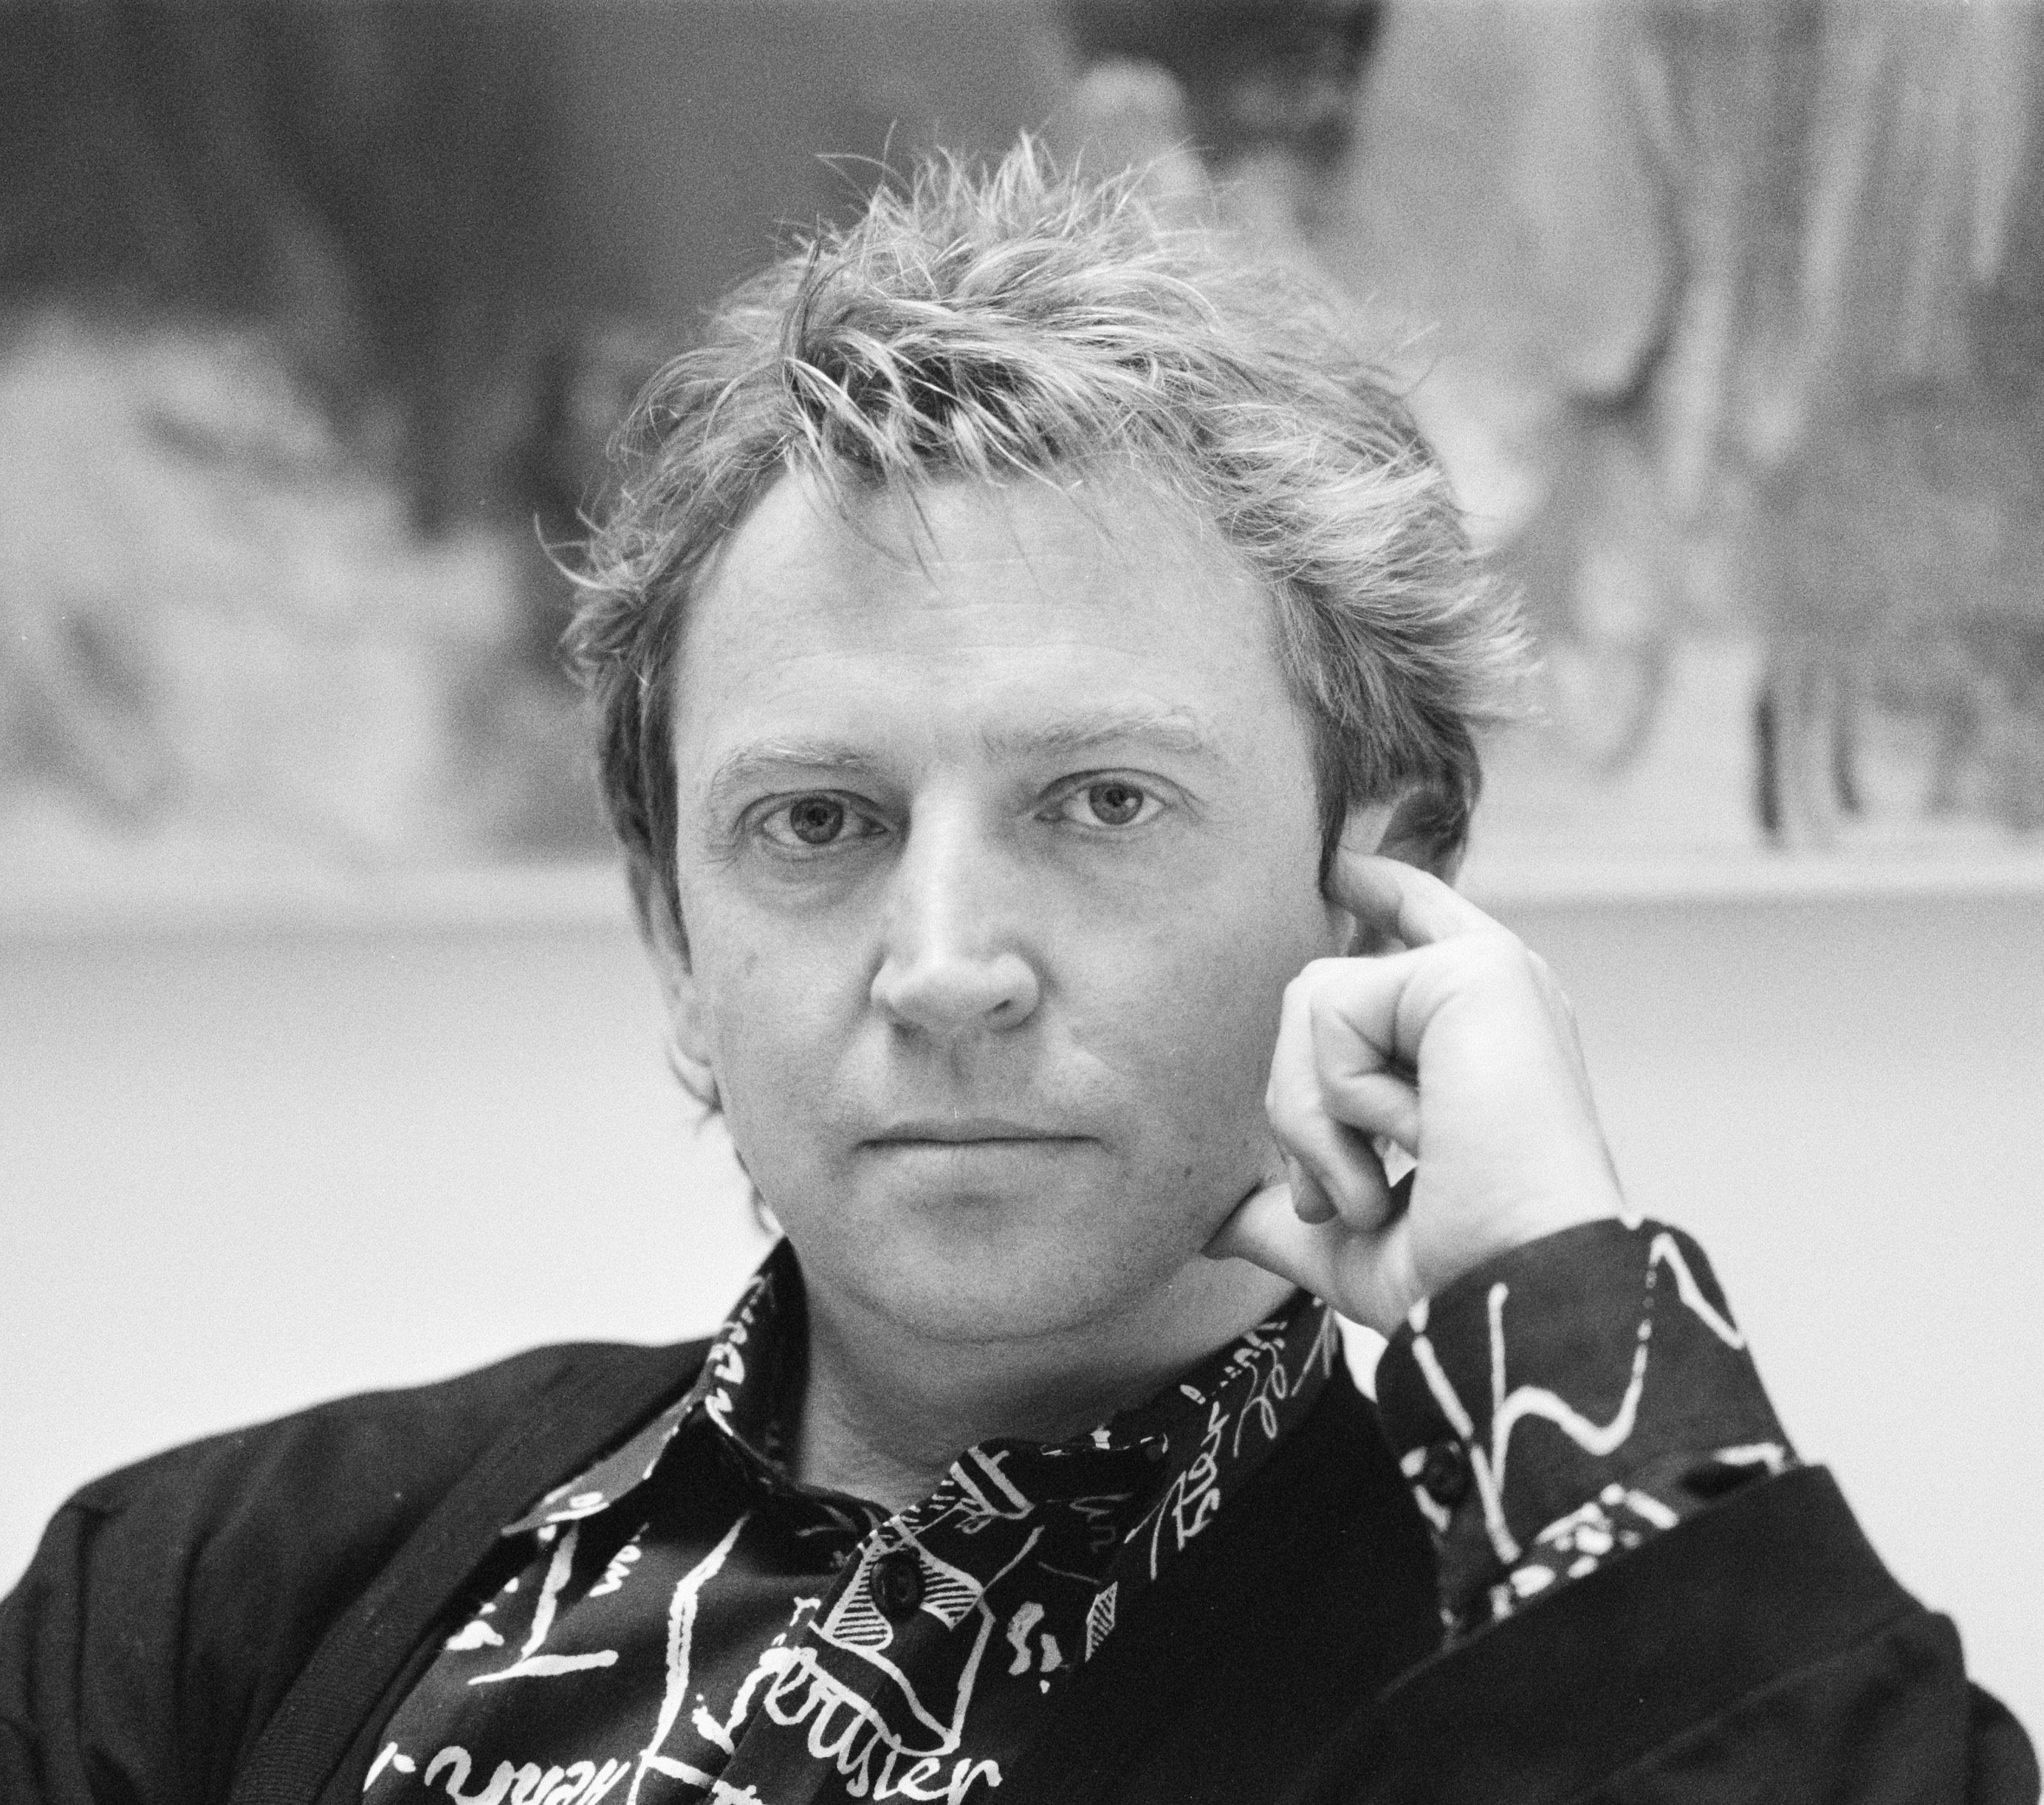 Andy Summers httpsuploadwikimediaorgwikipediacommons11